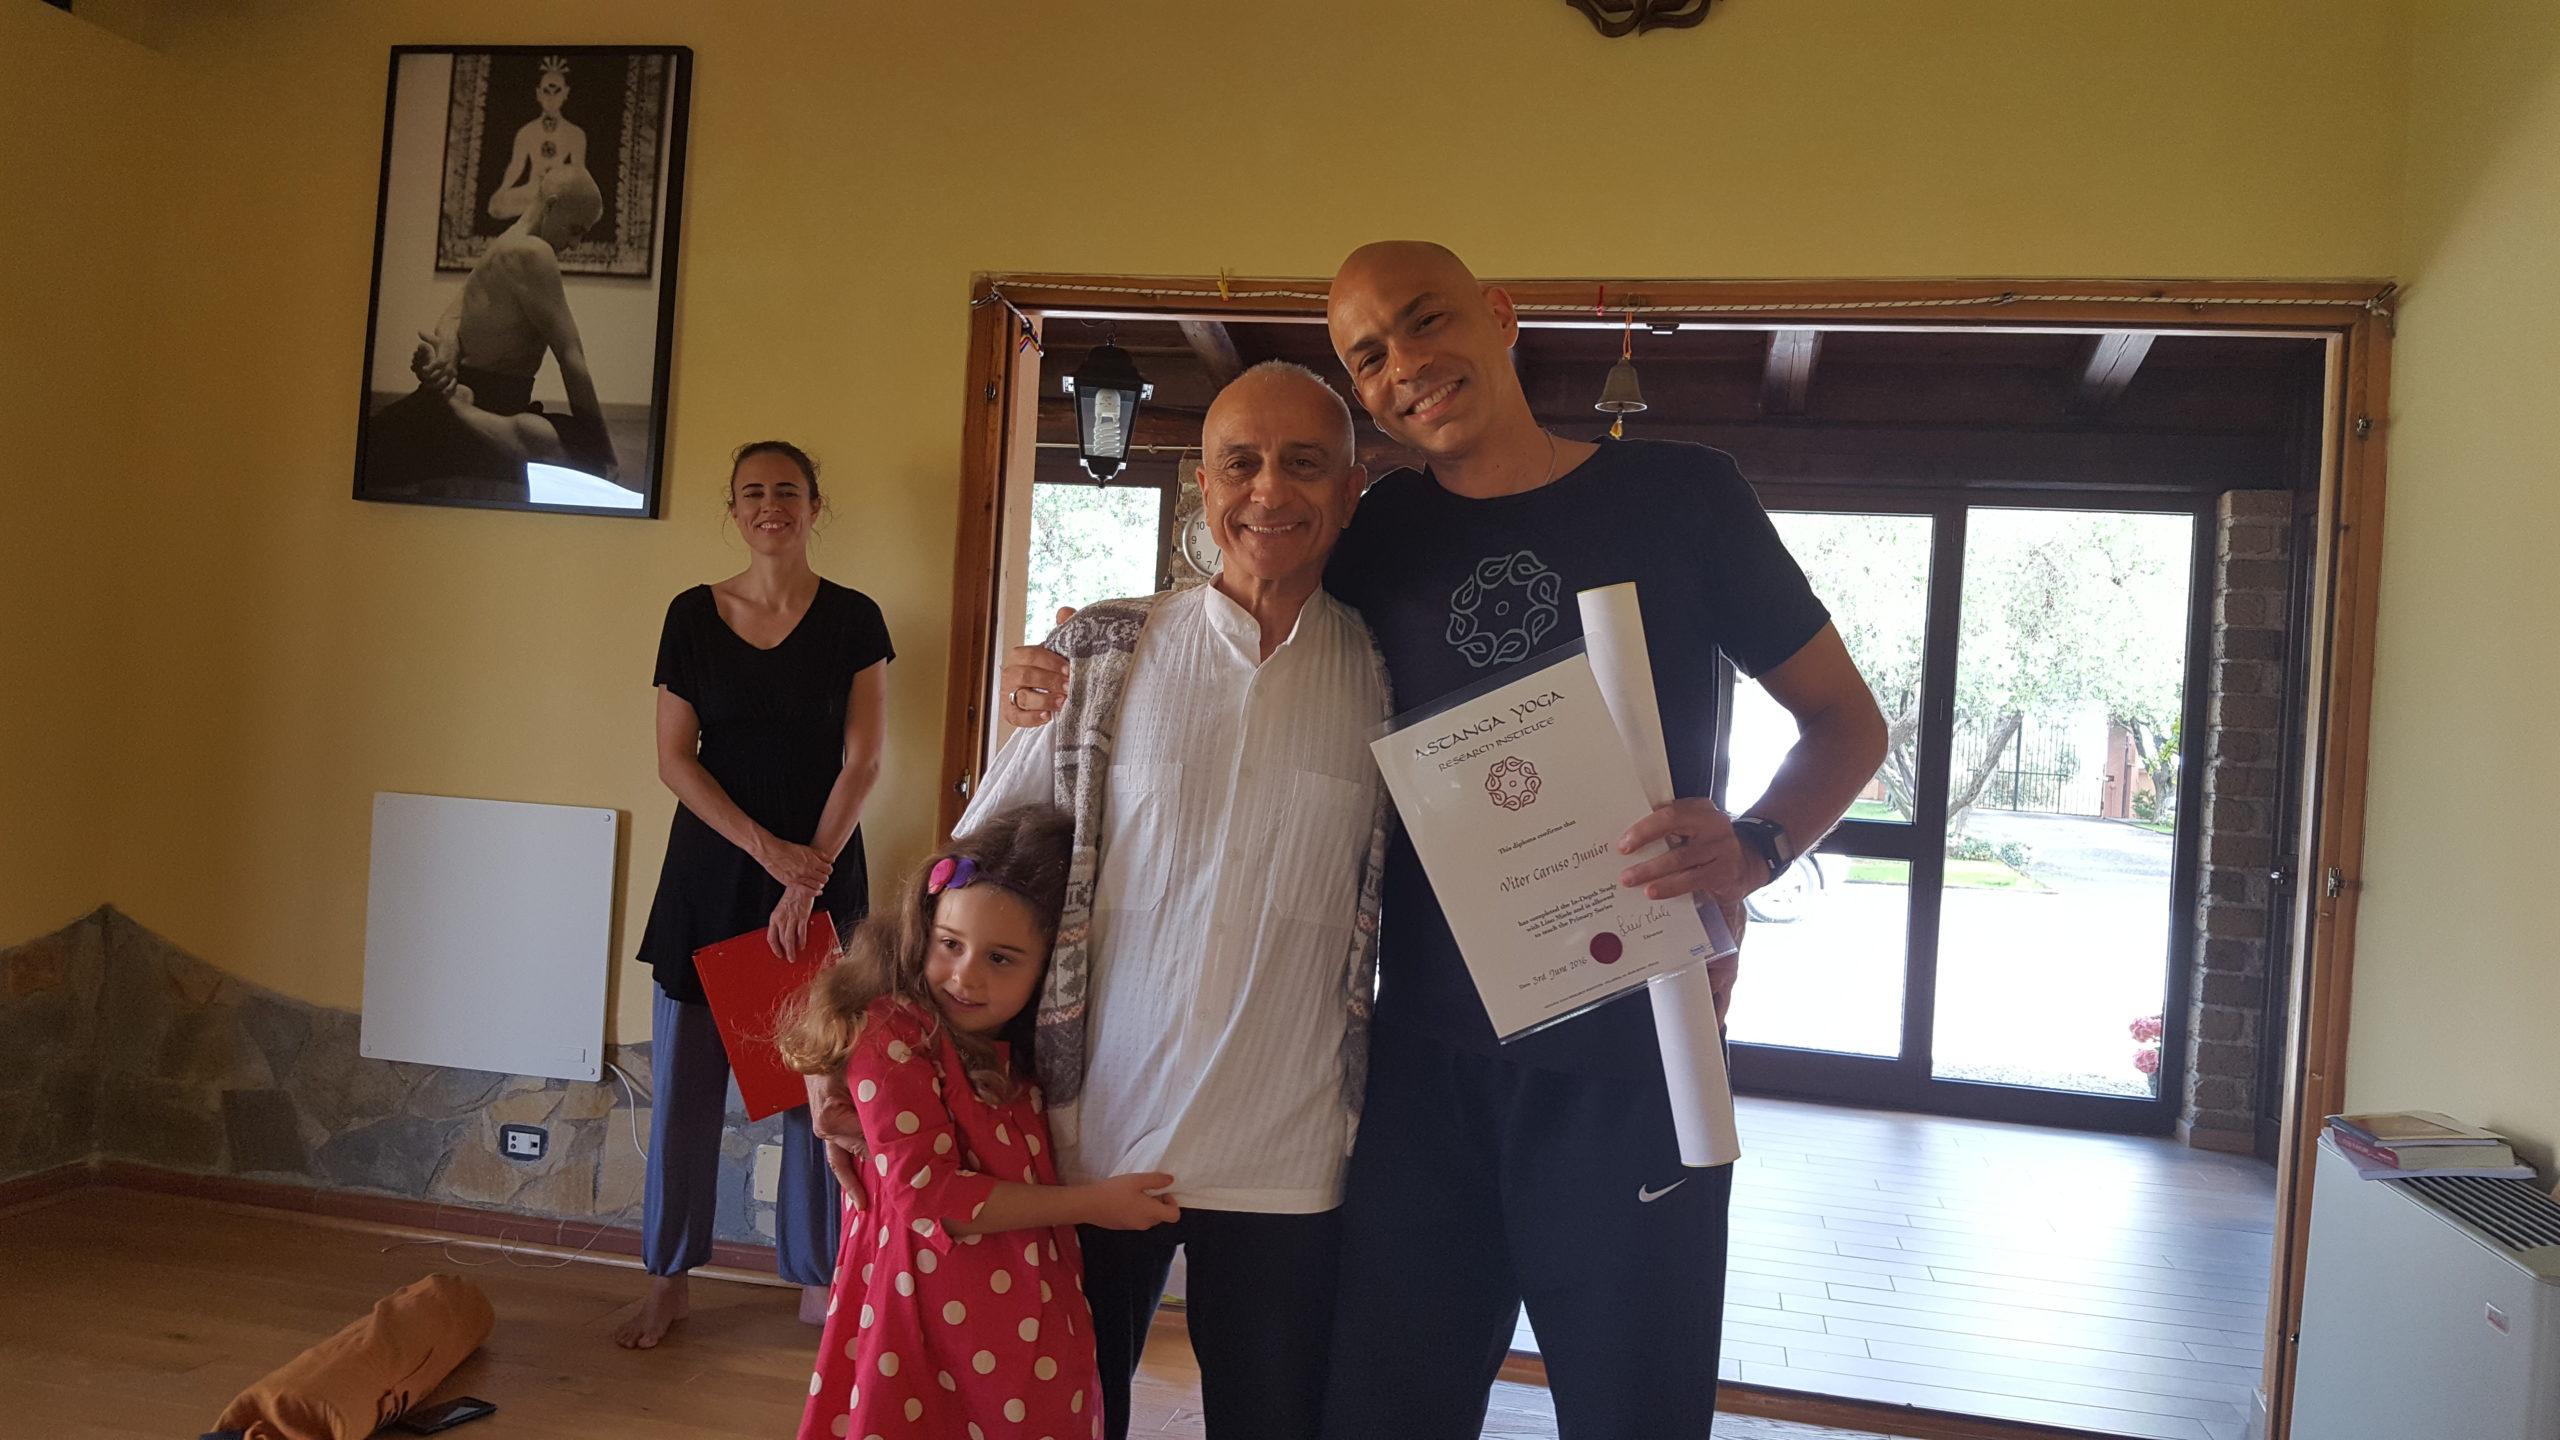 Vitor recebe de Lino Miele a autorização para o ensino do Ashtanga Yoga, seguindo a tradição de como Pattabhi Jois o fazia.